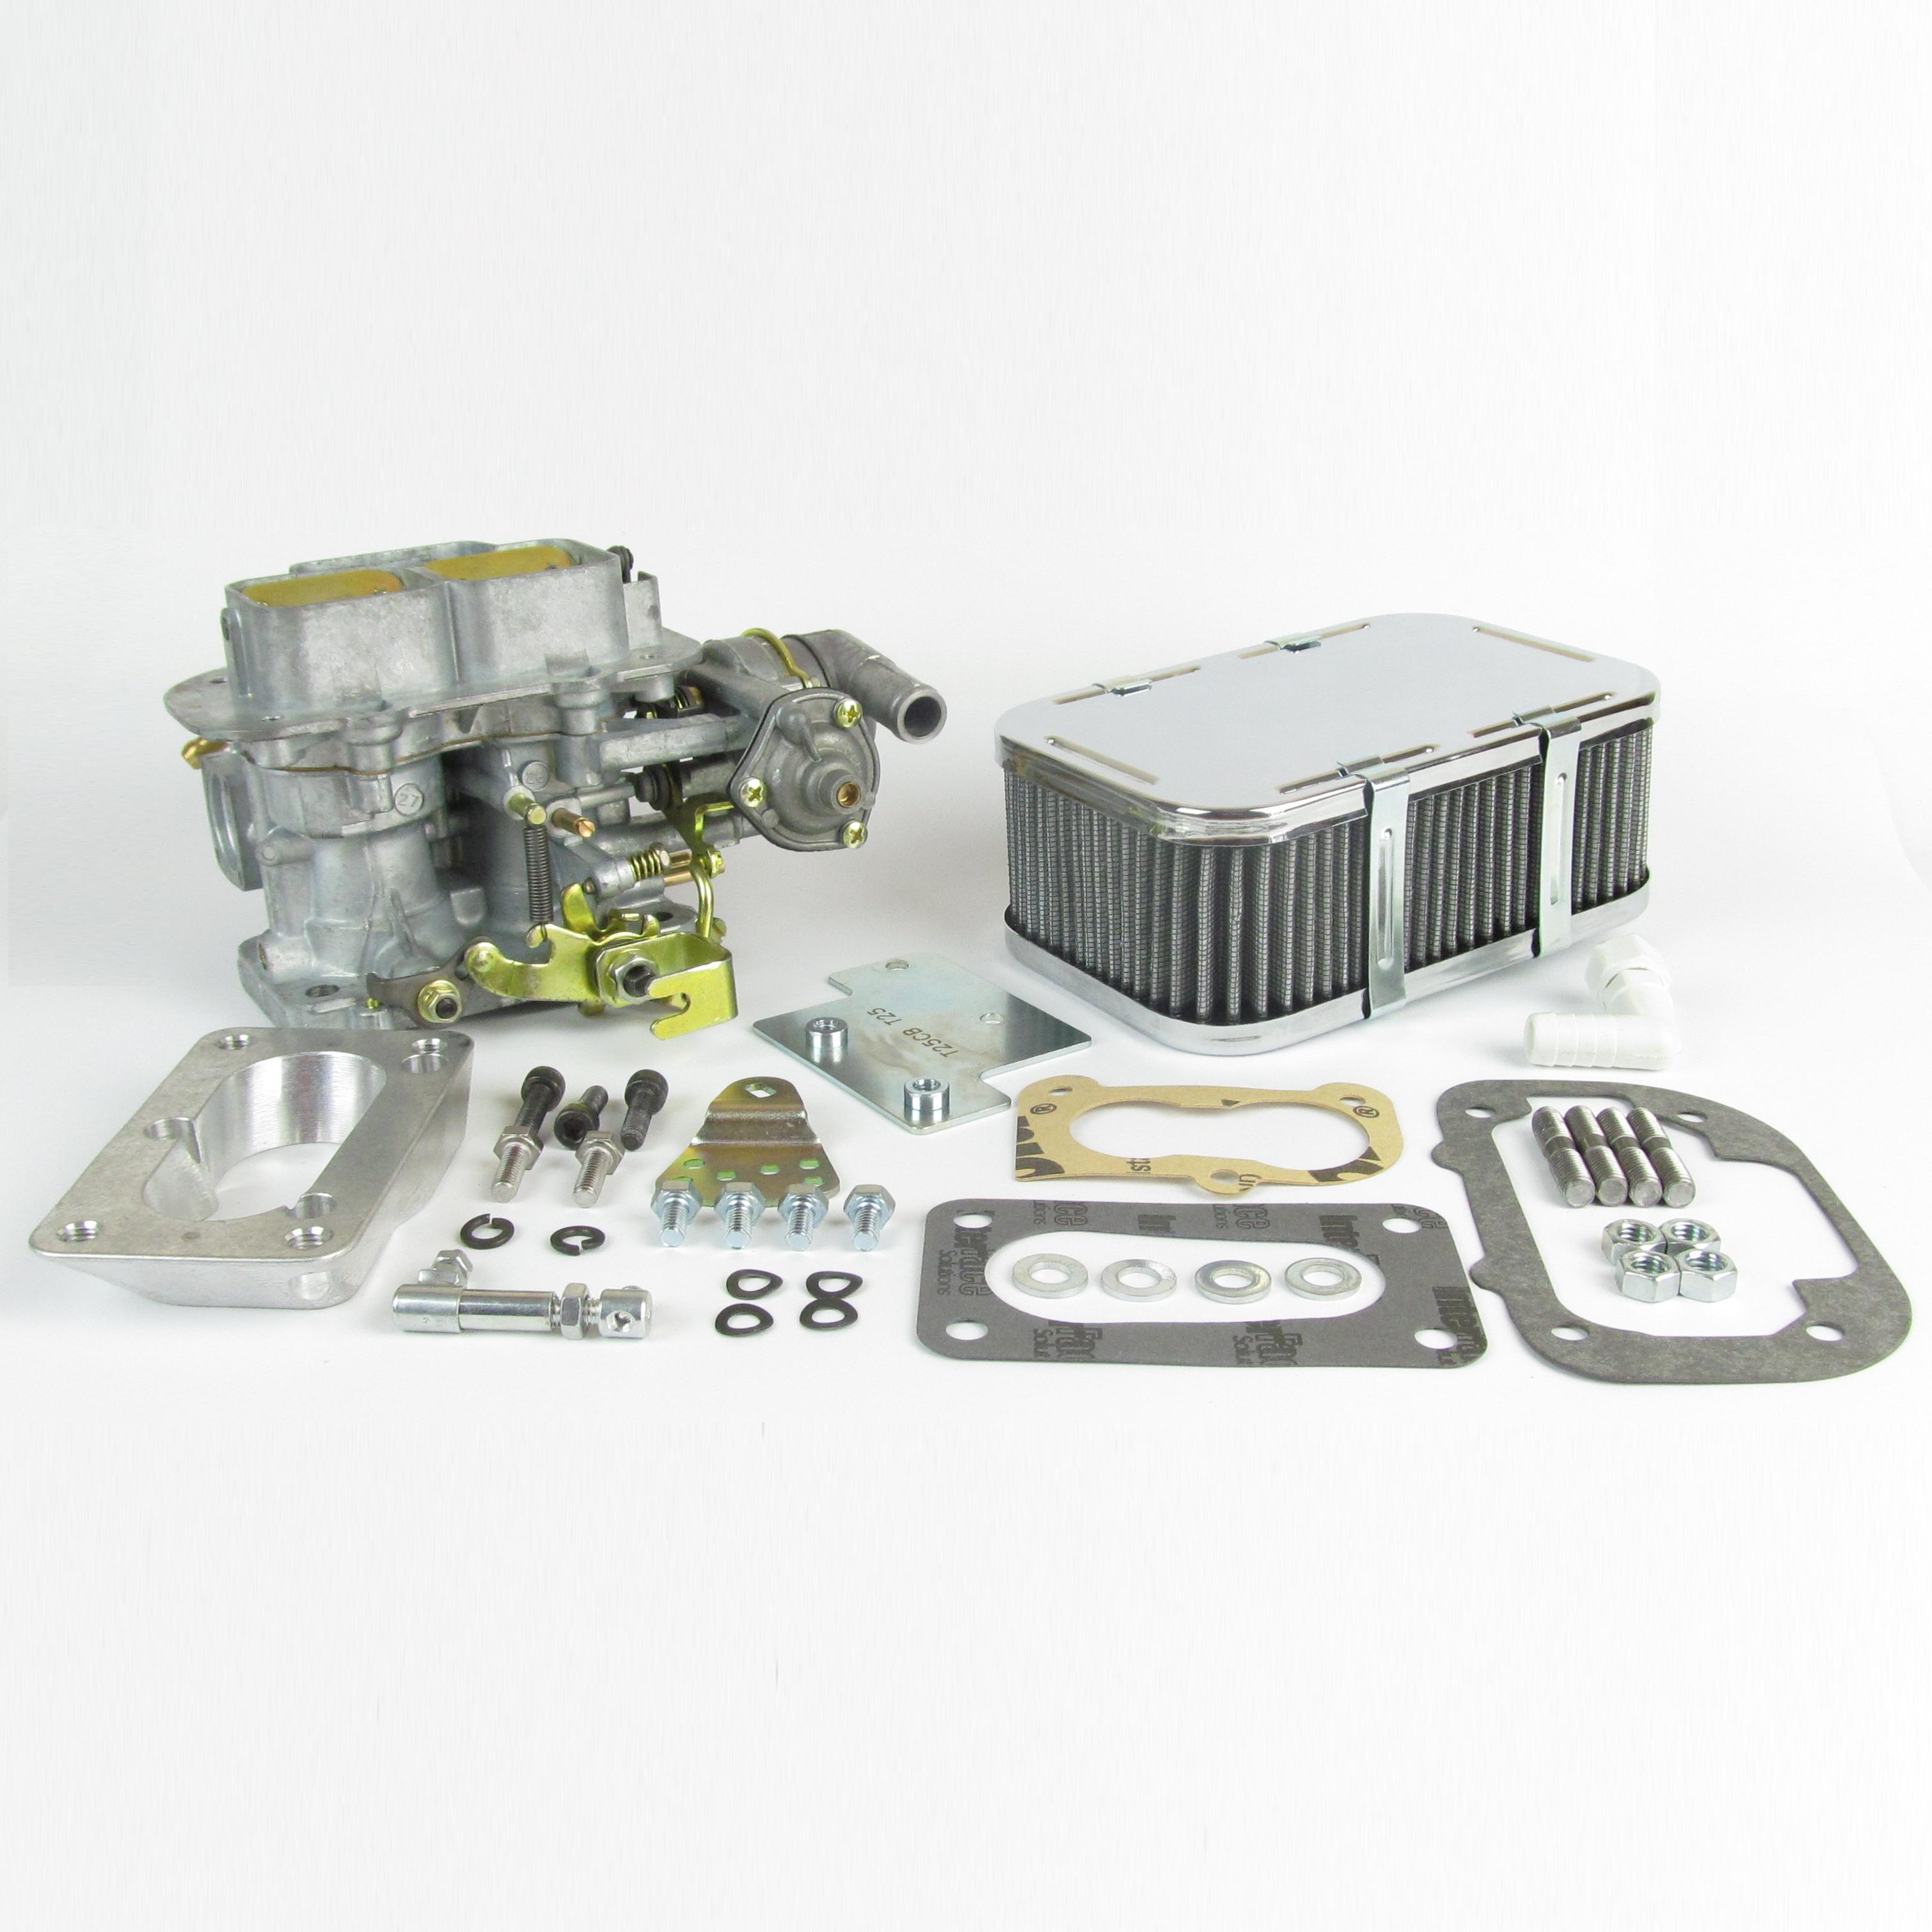 Vwk39 T25 Vw Waterboxer Weber Dgav Carburettor Kit Wbx Eurocarb Wasserboxer Engine Diagram